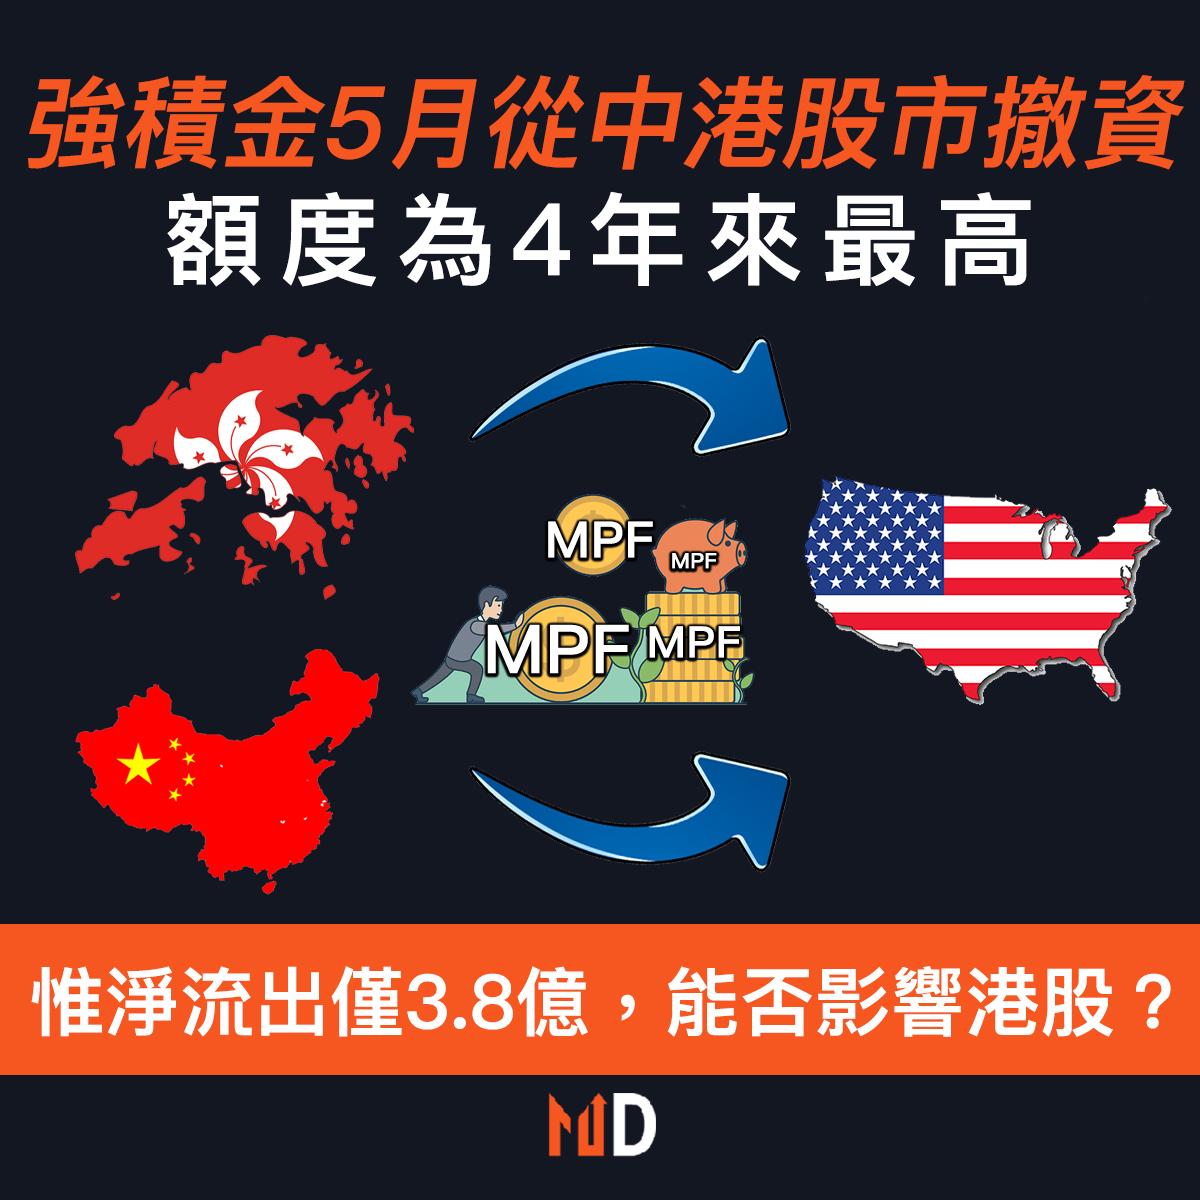 【市場熱話】強積金5月從中港股市撤資,額度為4年來最高